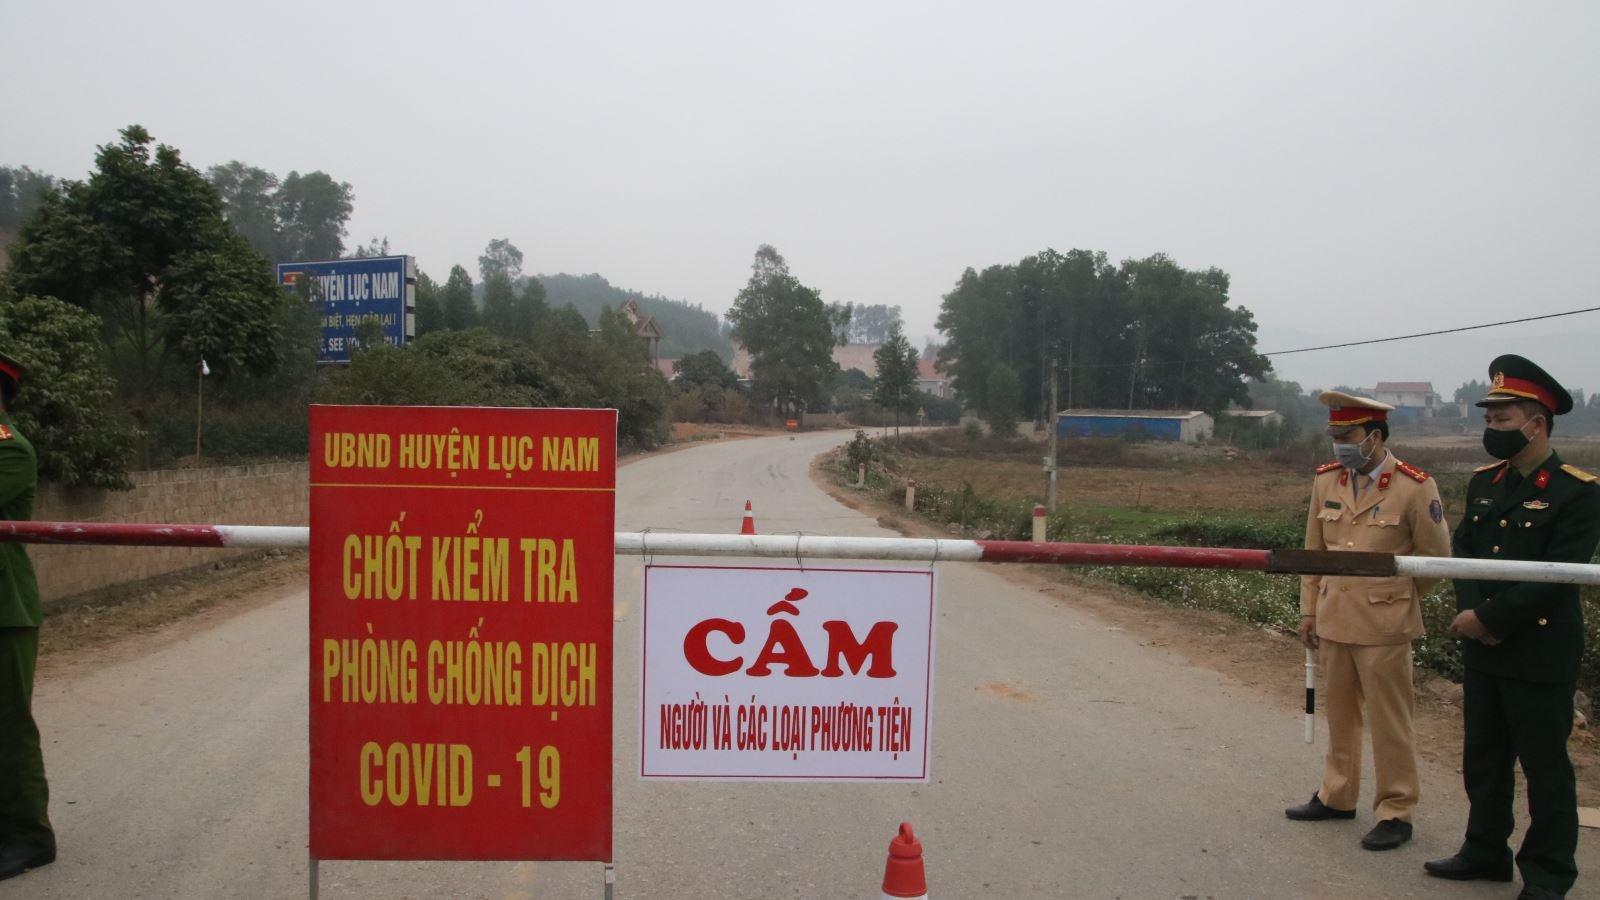 Bắc Giang khẩn cấp giãn cách xã hội toàn huyện Tân Yên